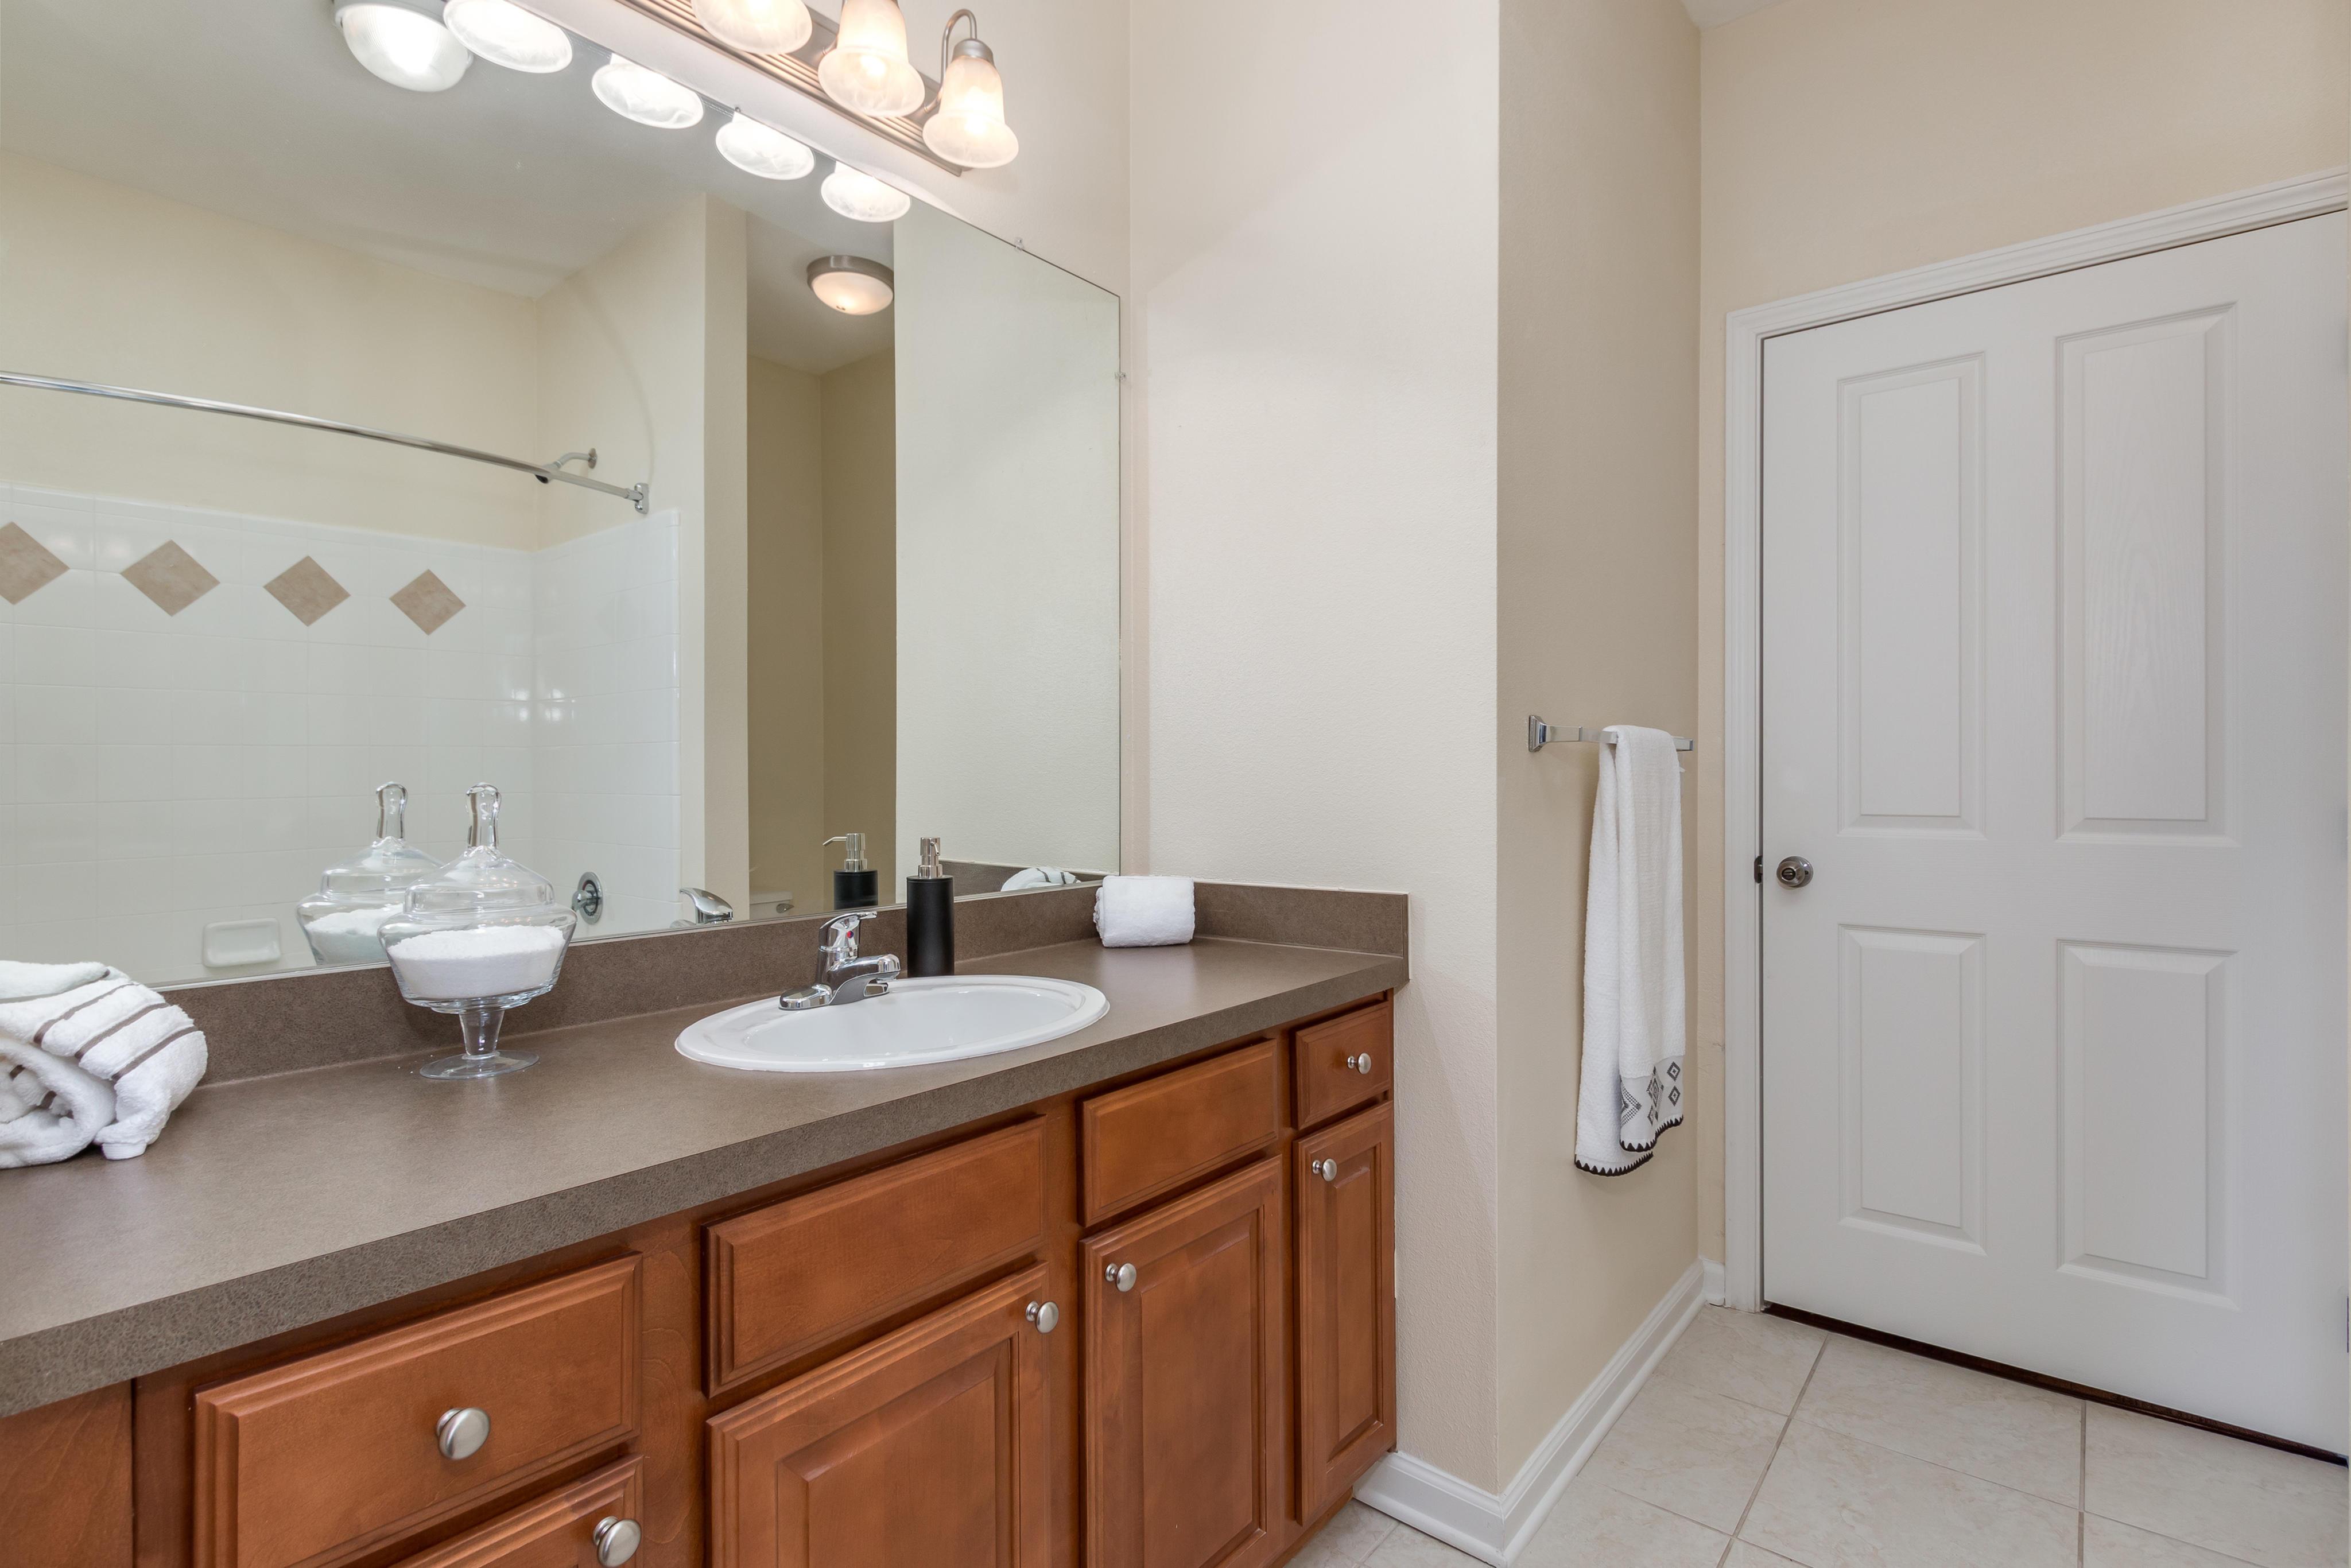 Apartment Rental Agency in TX Houston 77049 Advenir at Wynstone 6464 E Sam Houston Pkwy N  (281)458-1000